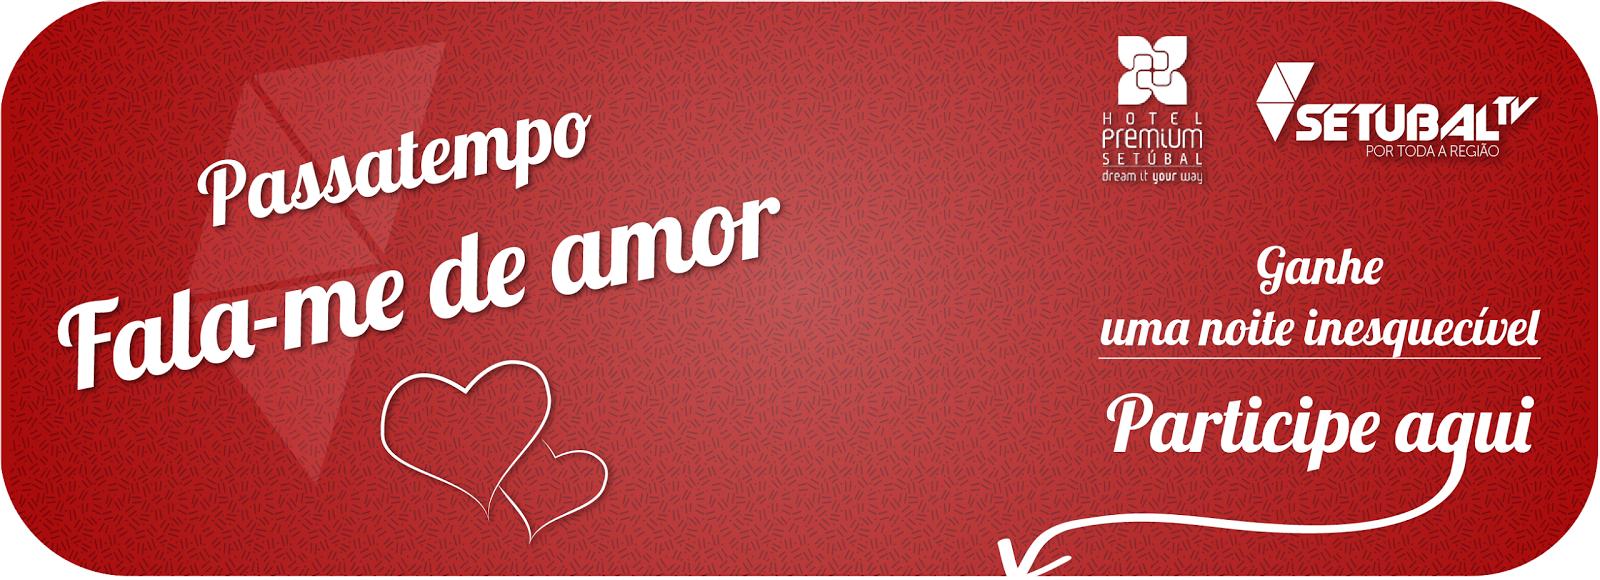 http://setubaltv.com/settv/passatempos/passatempo-fala-me-de-amor/